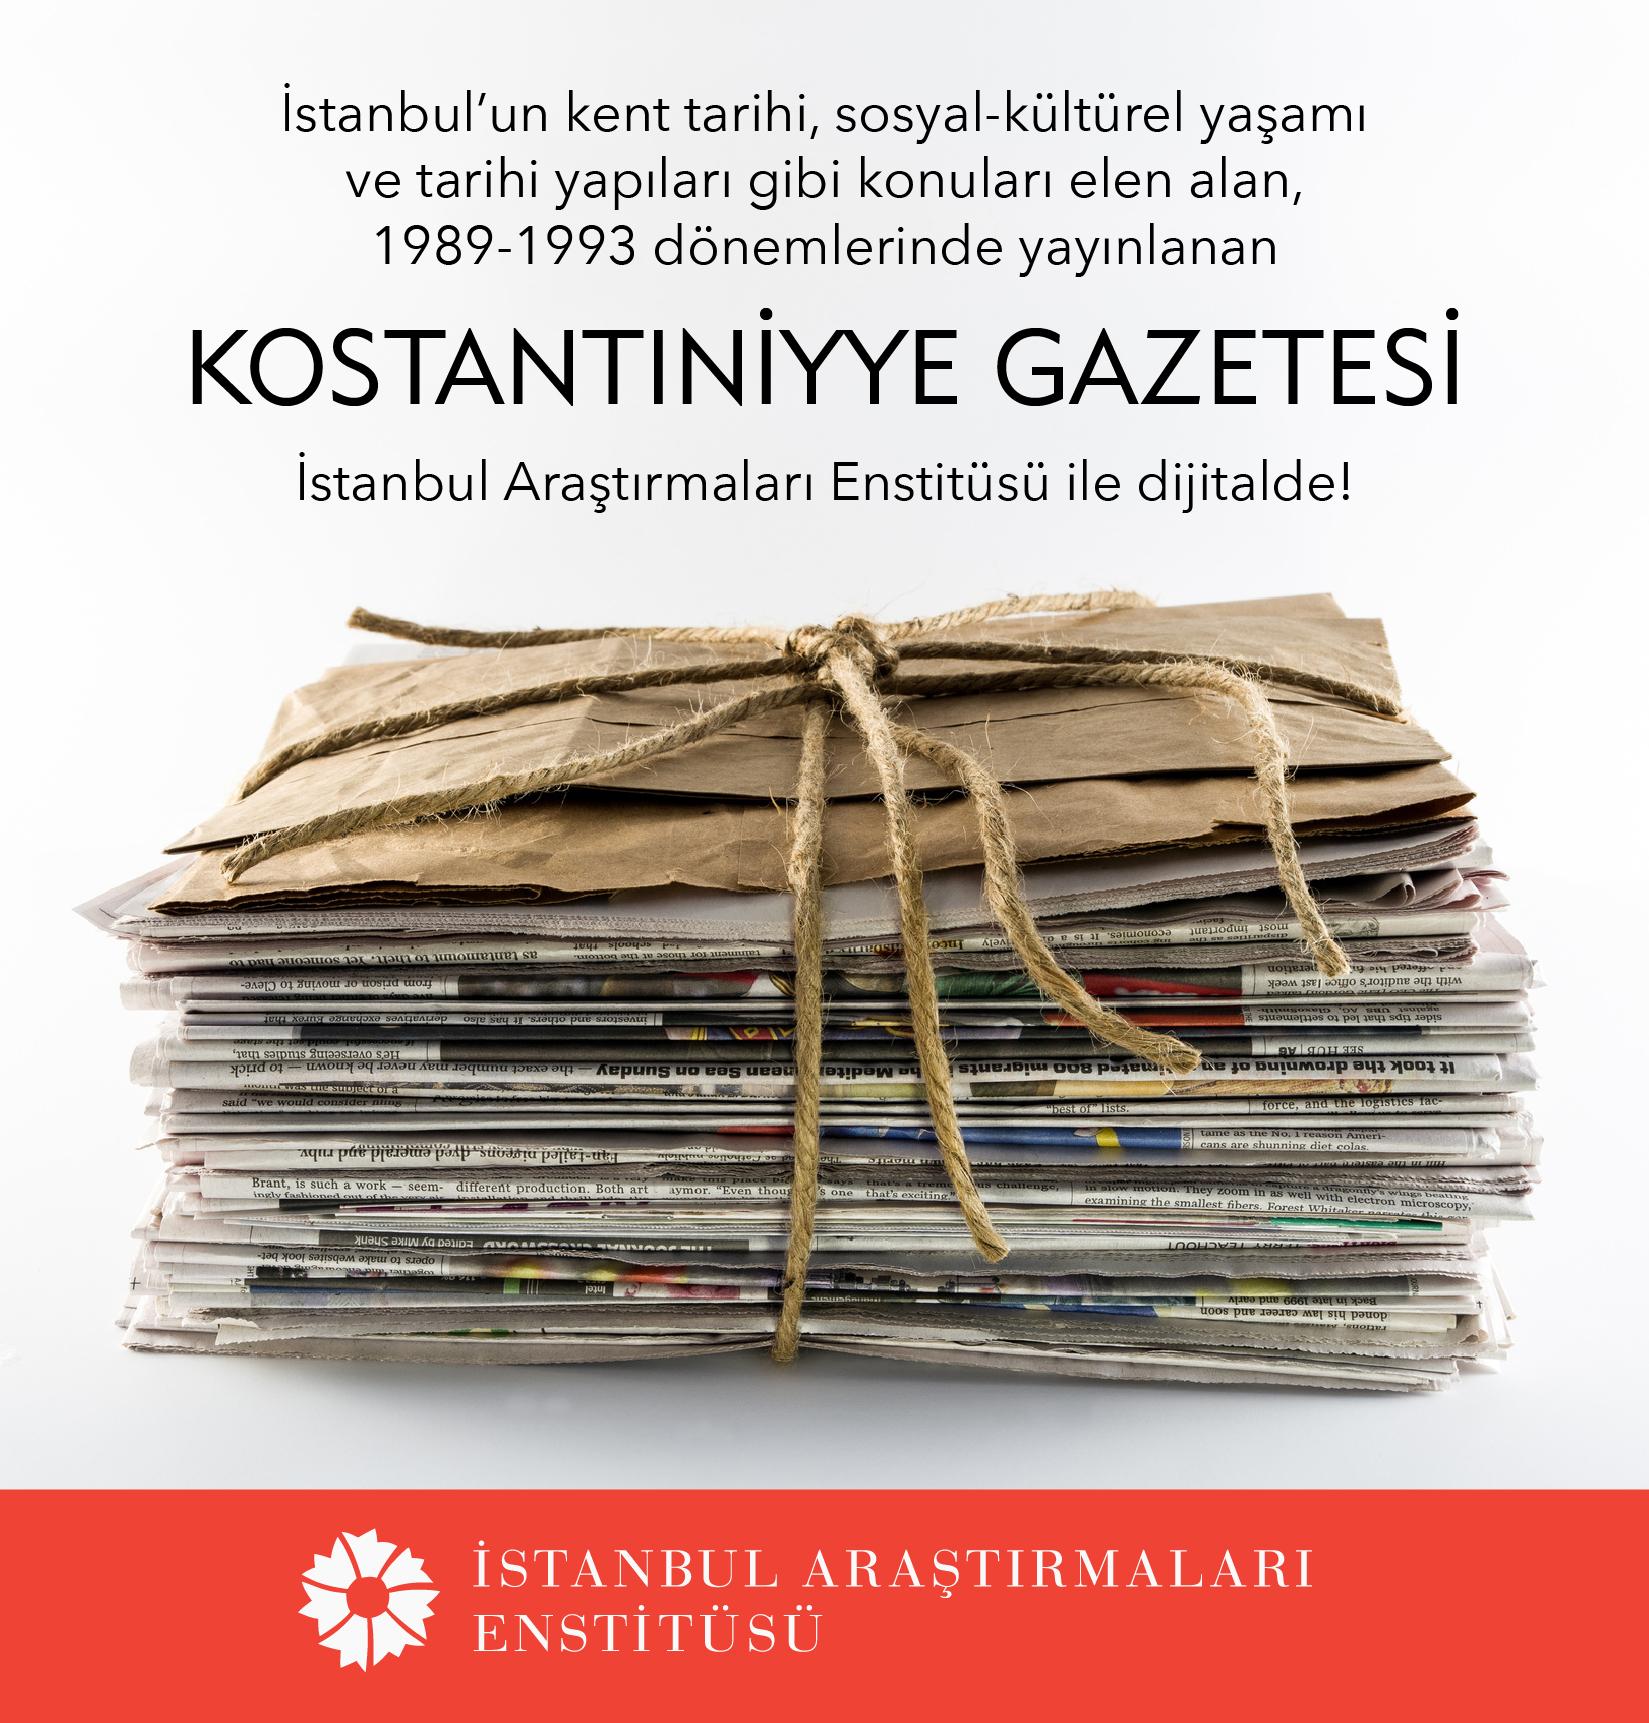 Kostantıniyye Gazetesi dijital olarak yayında!